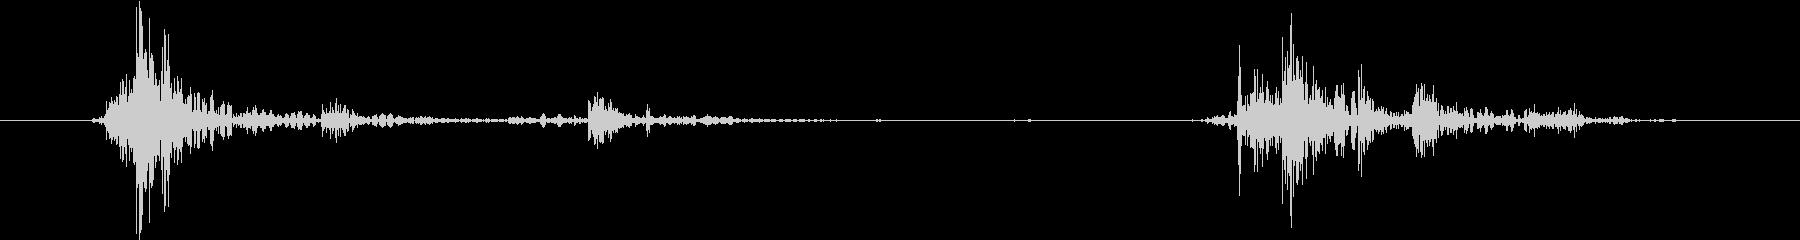 ガチャッ(ドアノブを回してドアを開ける)の未再生の波形